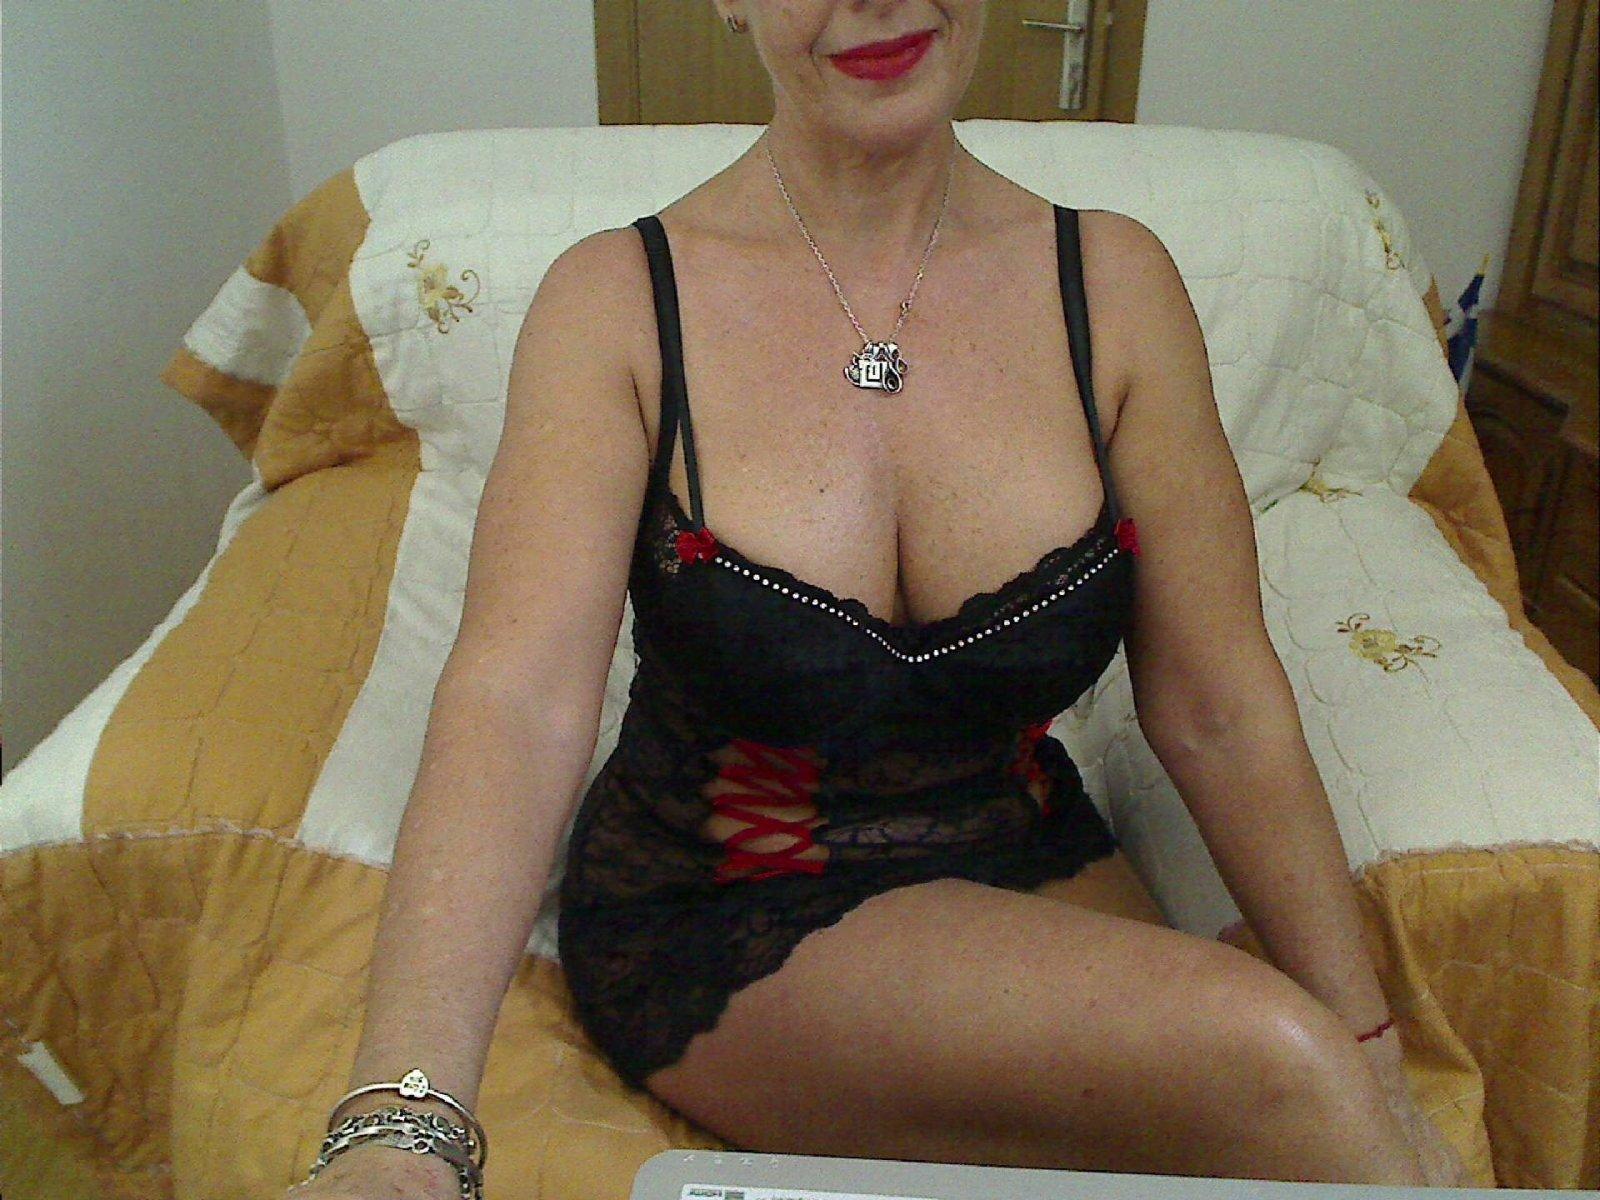 ώριμη μασάζ σεξ βίντεο λίπος Ασιατικές κορίτσια πορνό